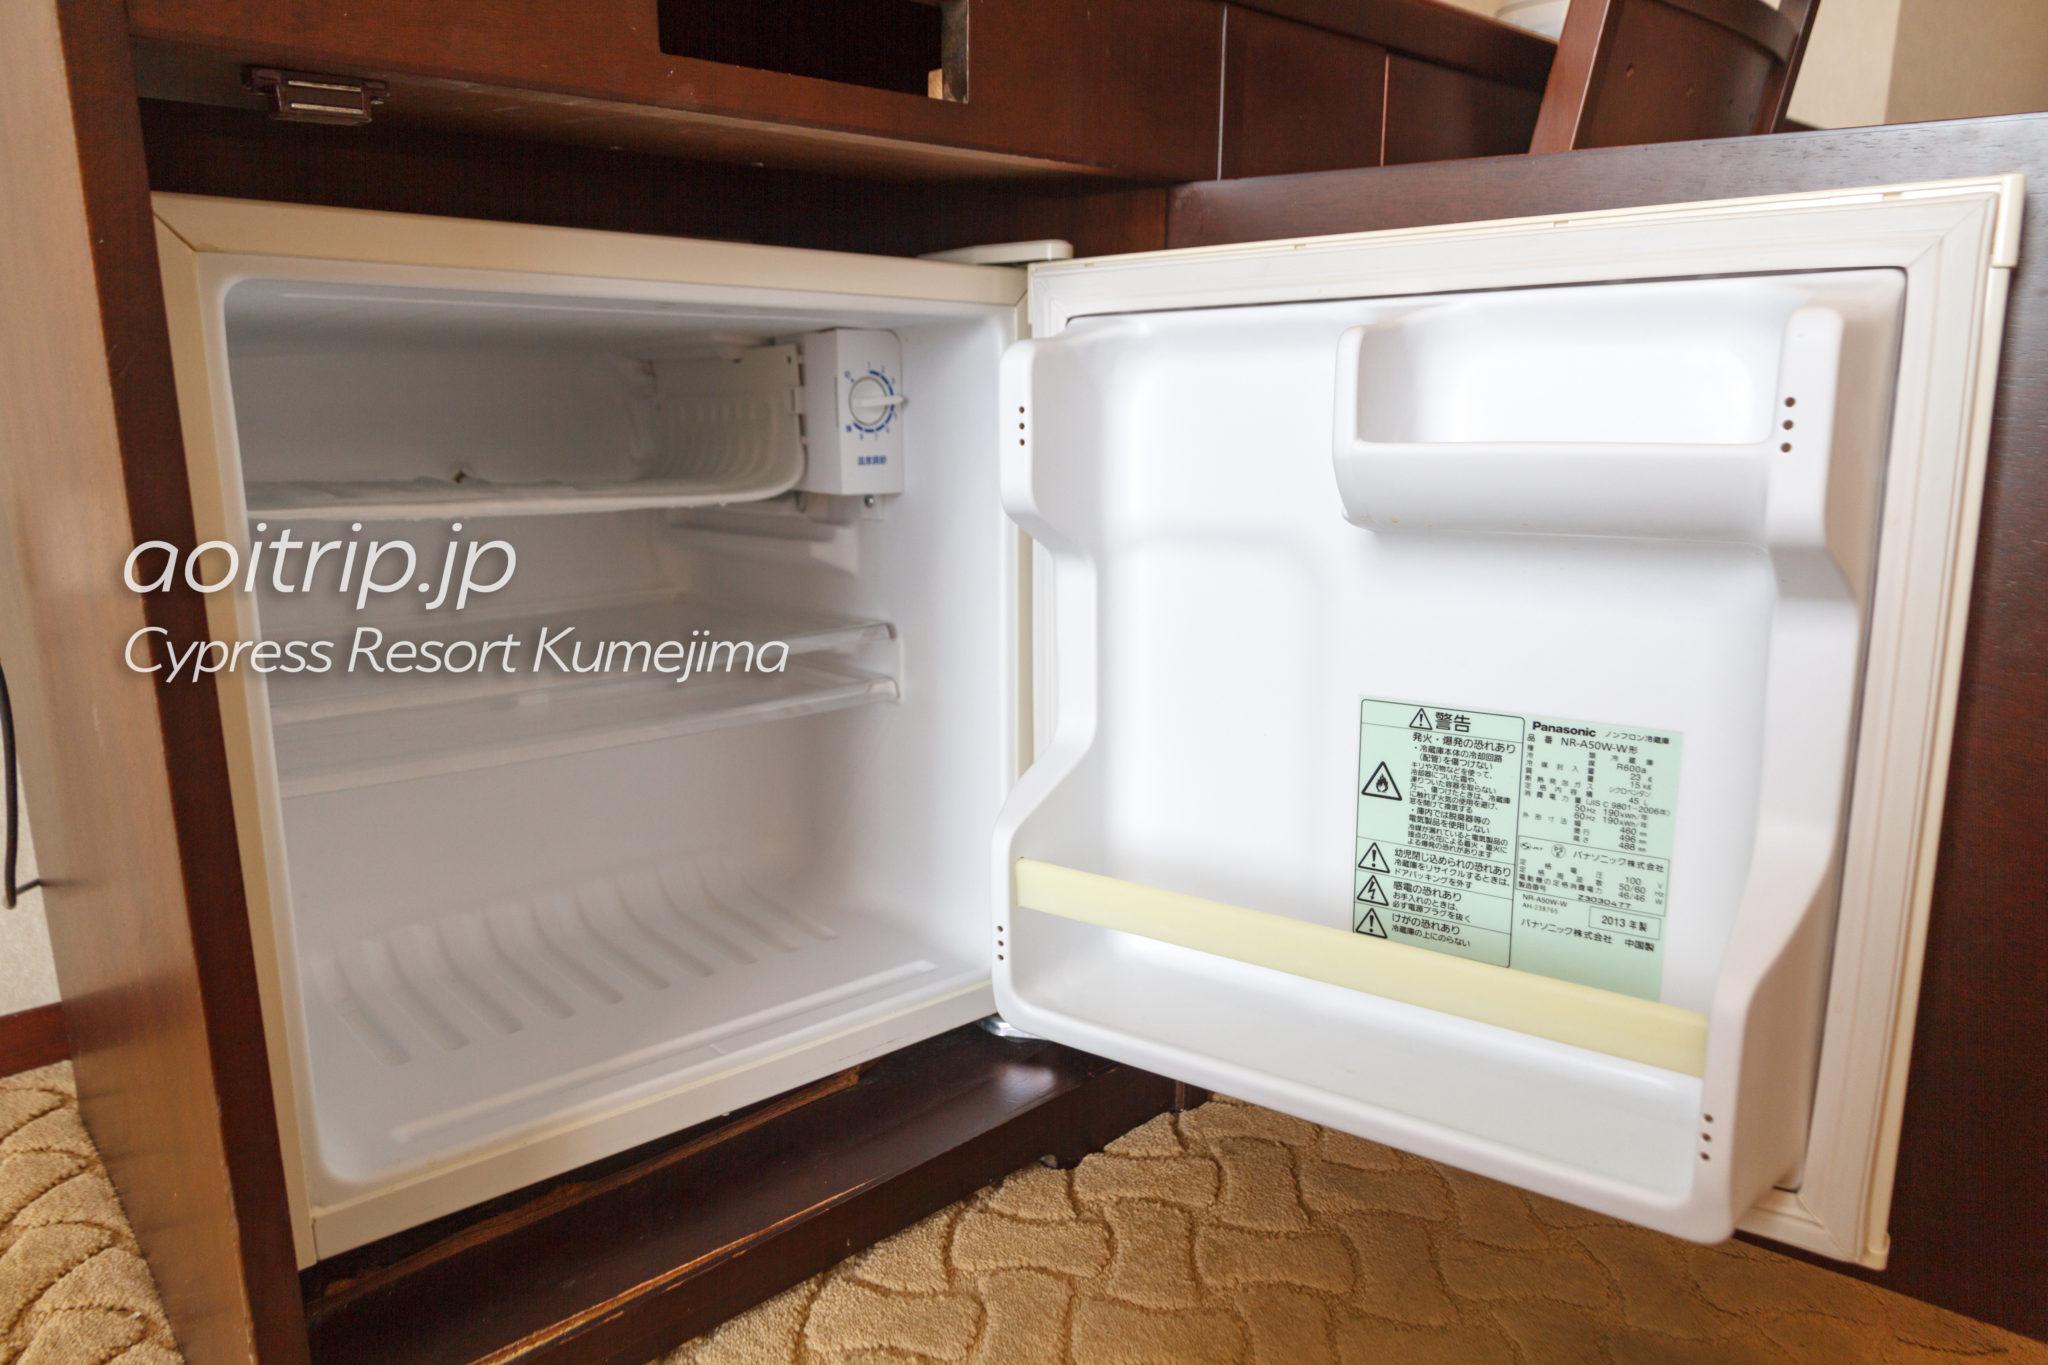 サイプレスリゾート久米島の冷蔵庫